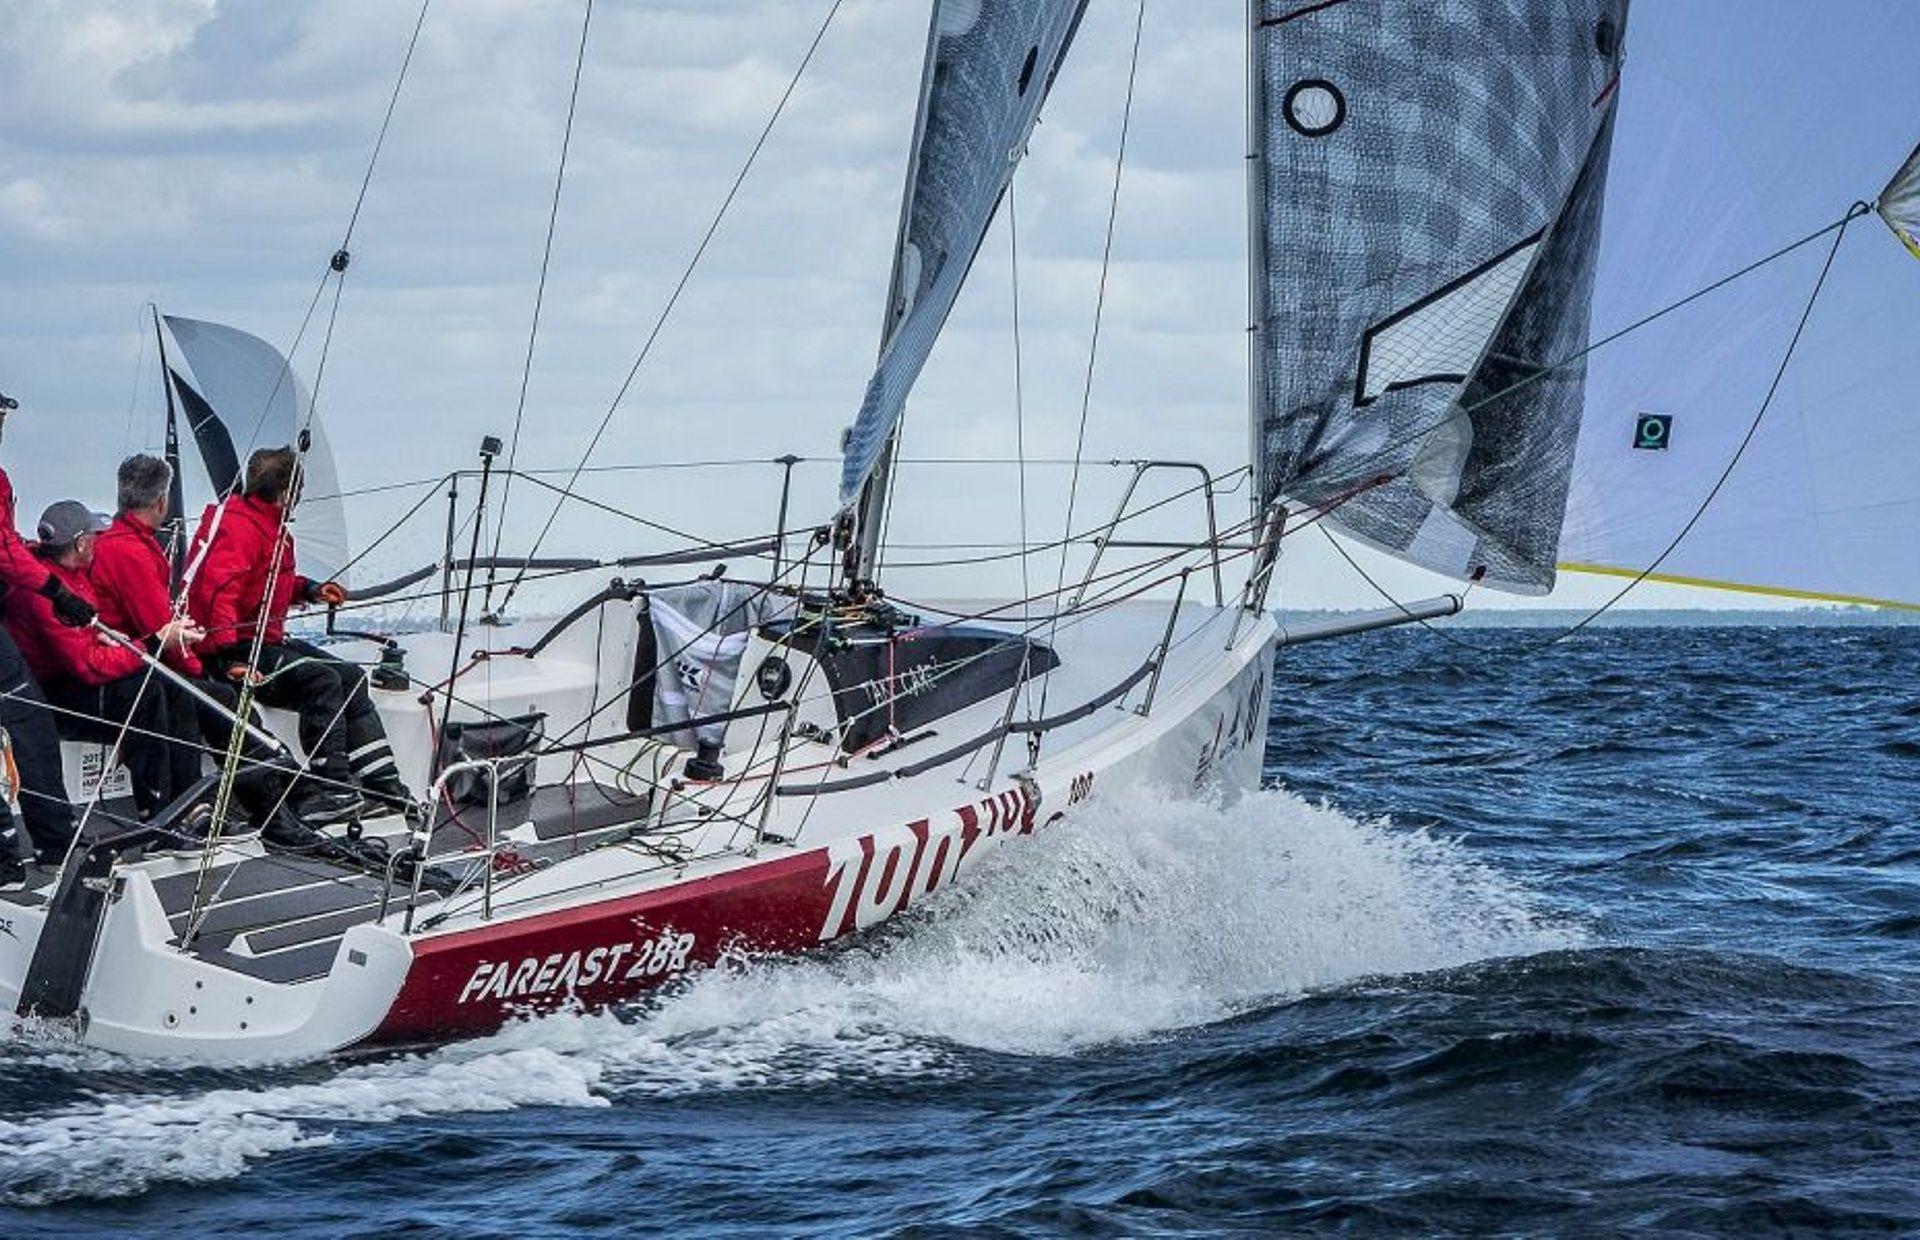 https://media.insailing.com/boat/fareast-2/image_1569954090530.jpg